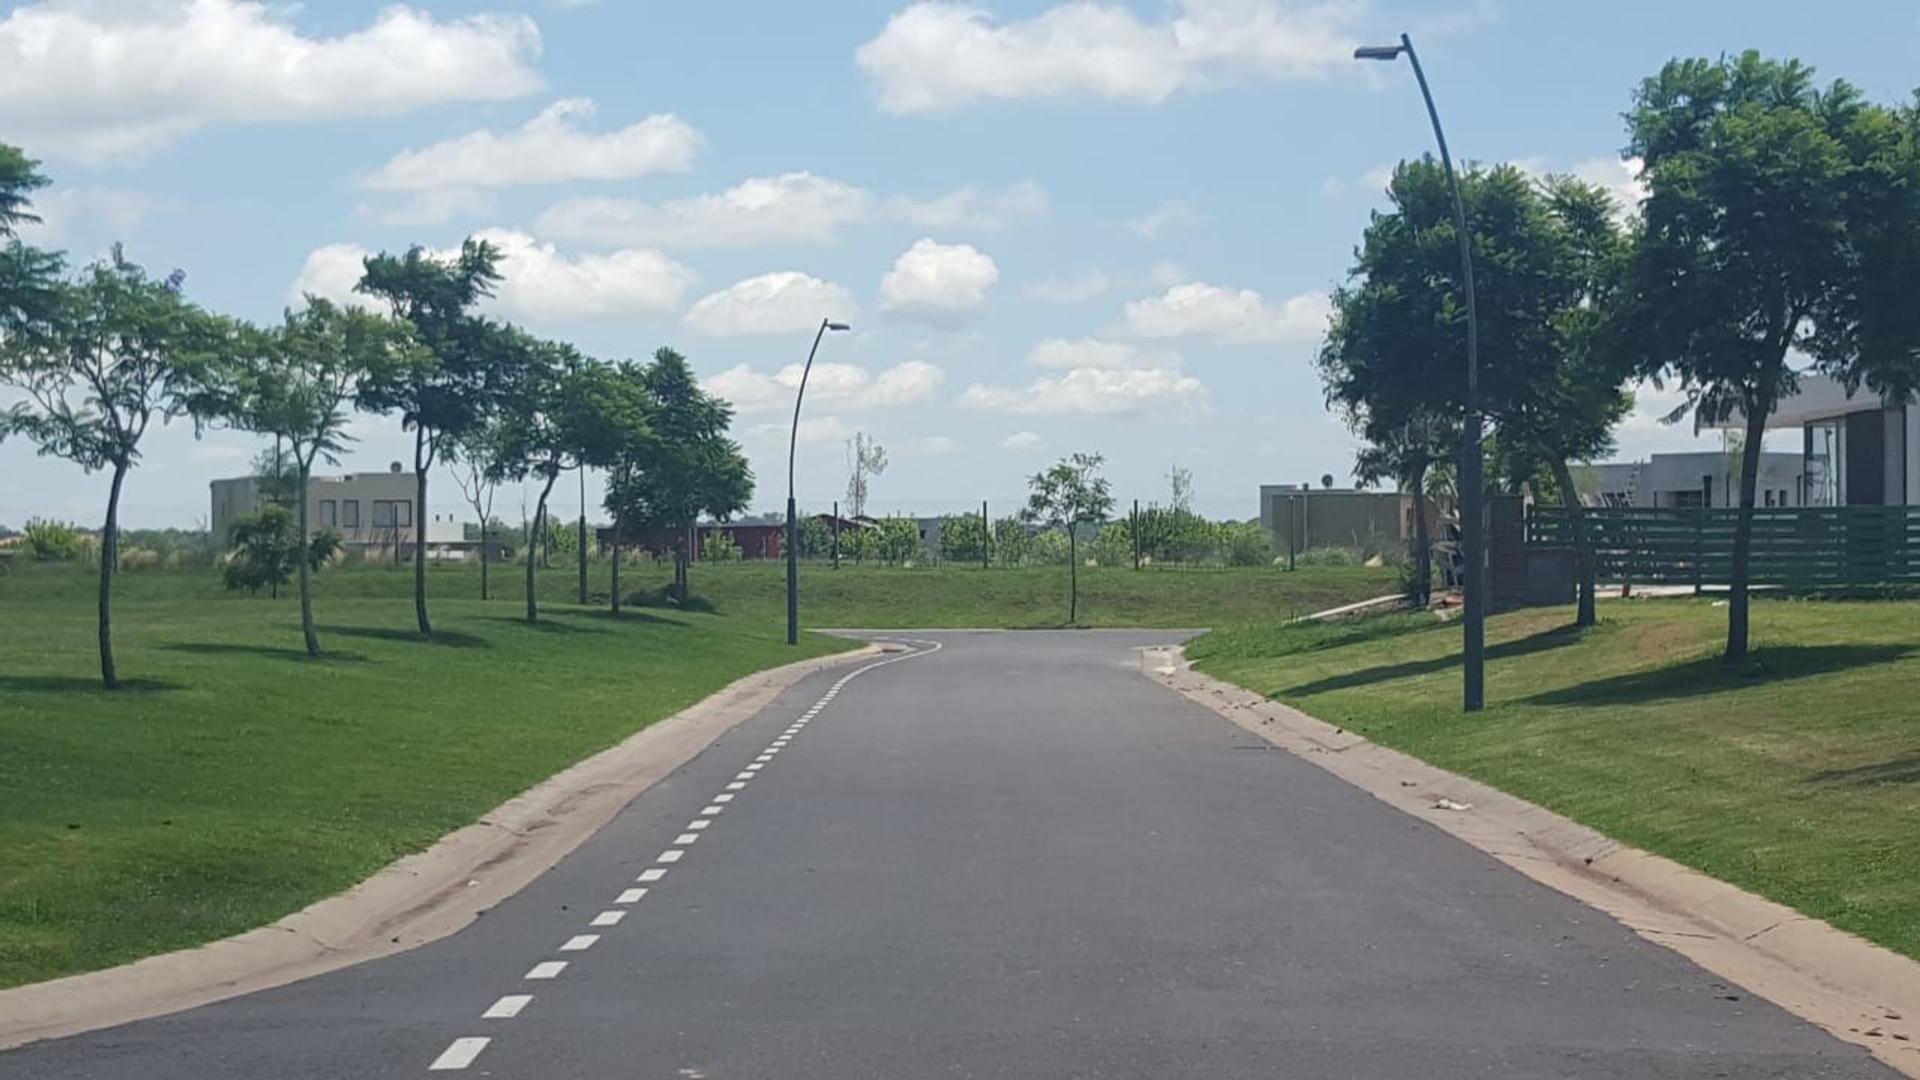 Puertos del lago, Barrio Vistas. 100